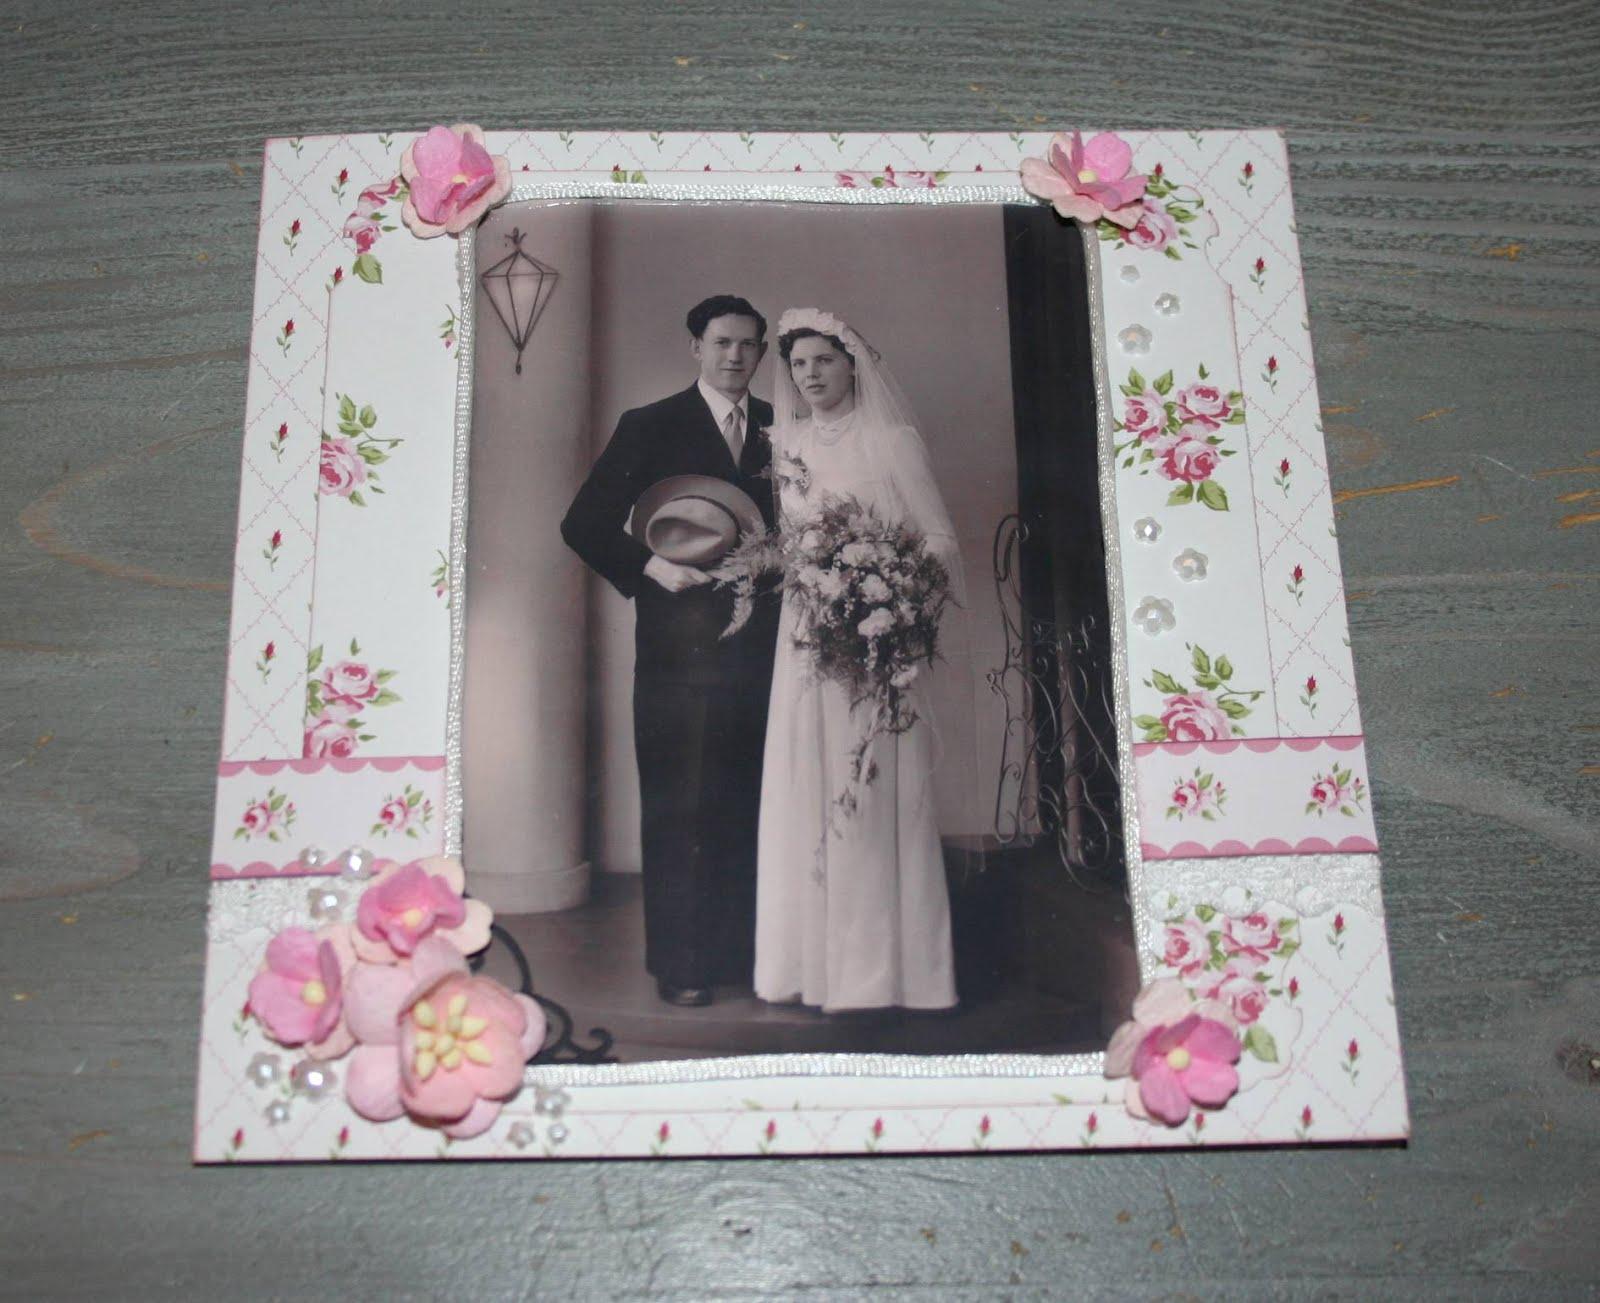 taart 60 jaar getrouwd MeisjeZoet: Bij 60 jaar getrouwd hoort niet alleen een taart taart 60 jaar getrouwd